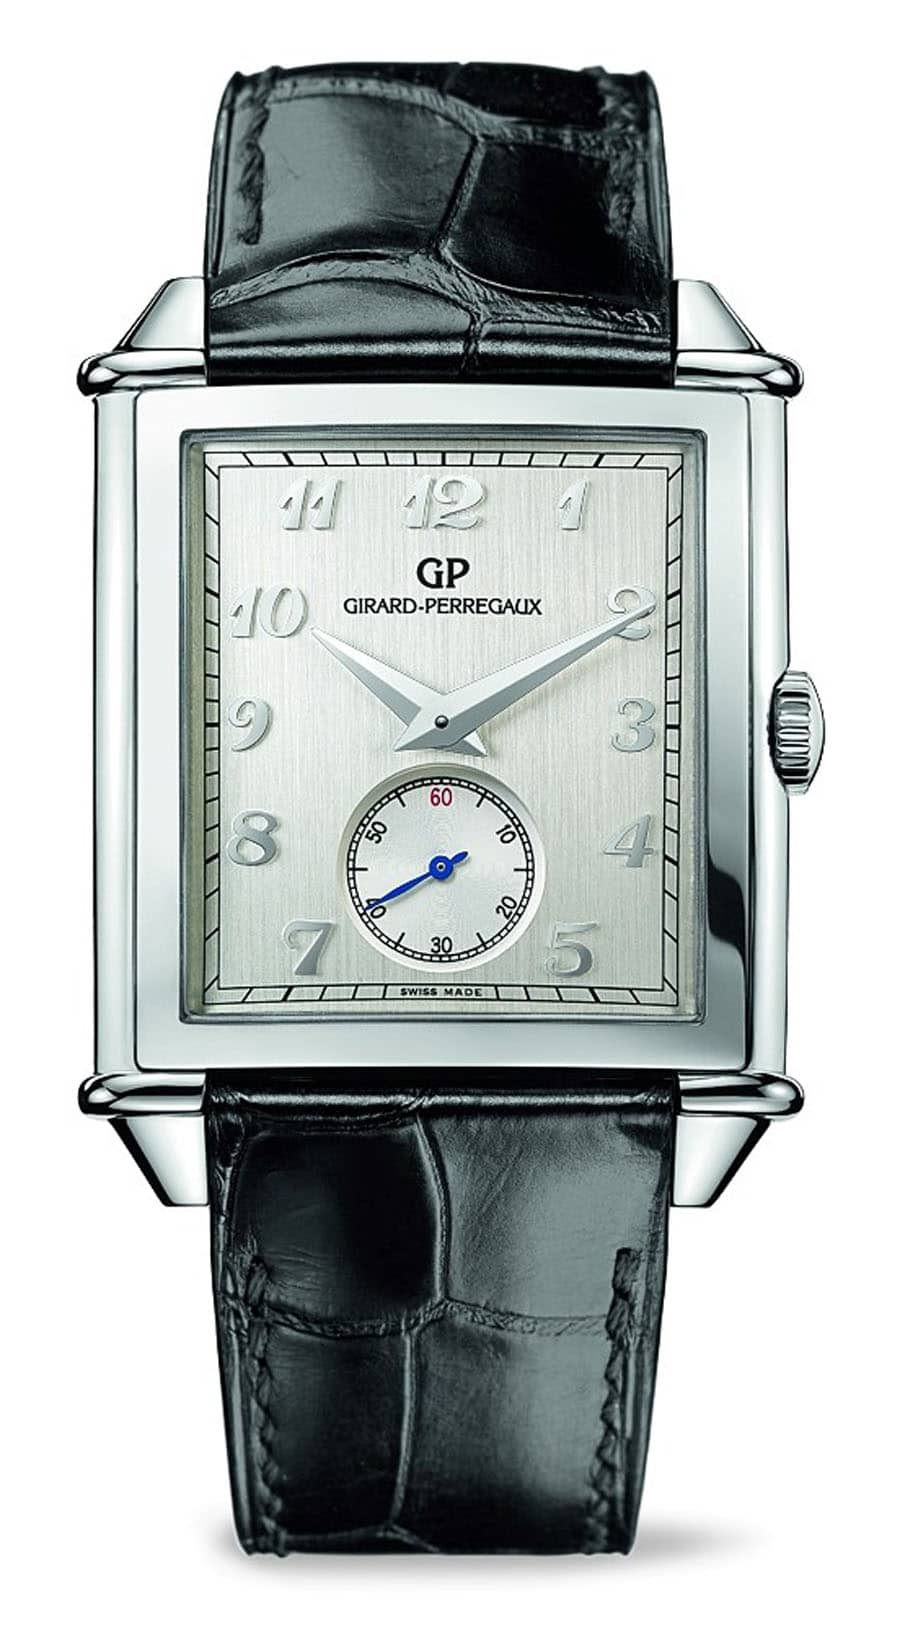 Uhren-Ikonen und ihre Alternativen: Girard-Perregaux Vintage 1945 XXL Small Second